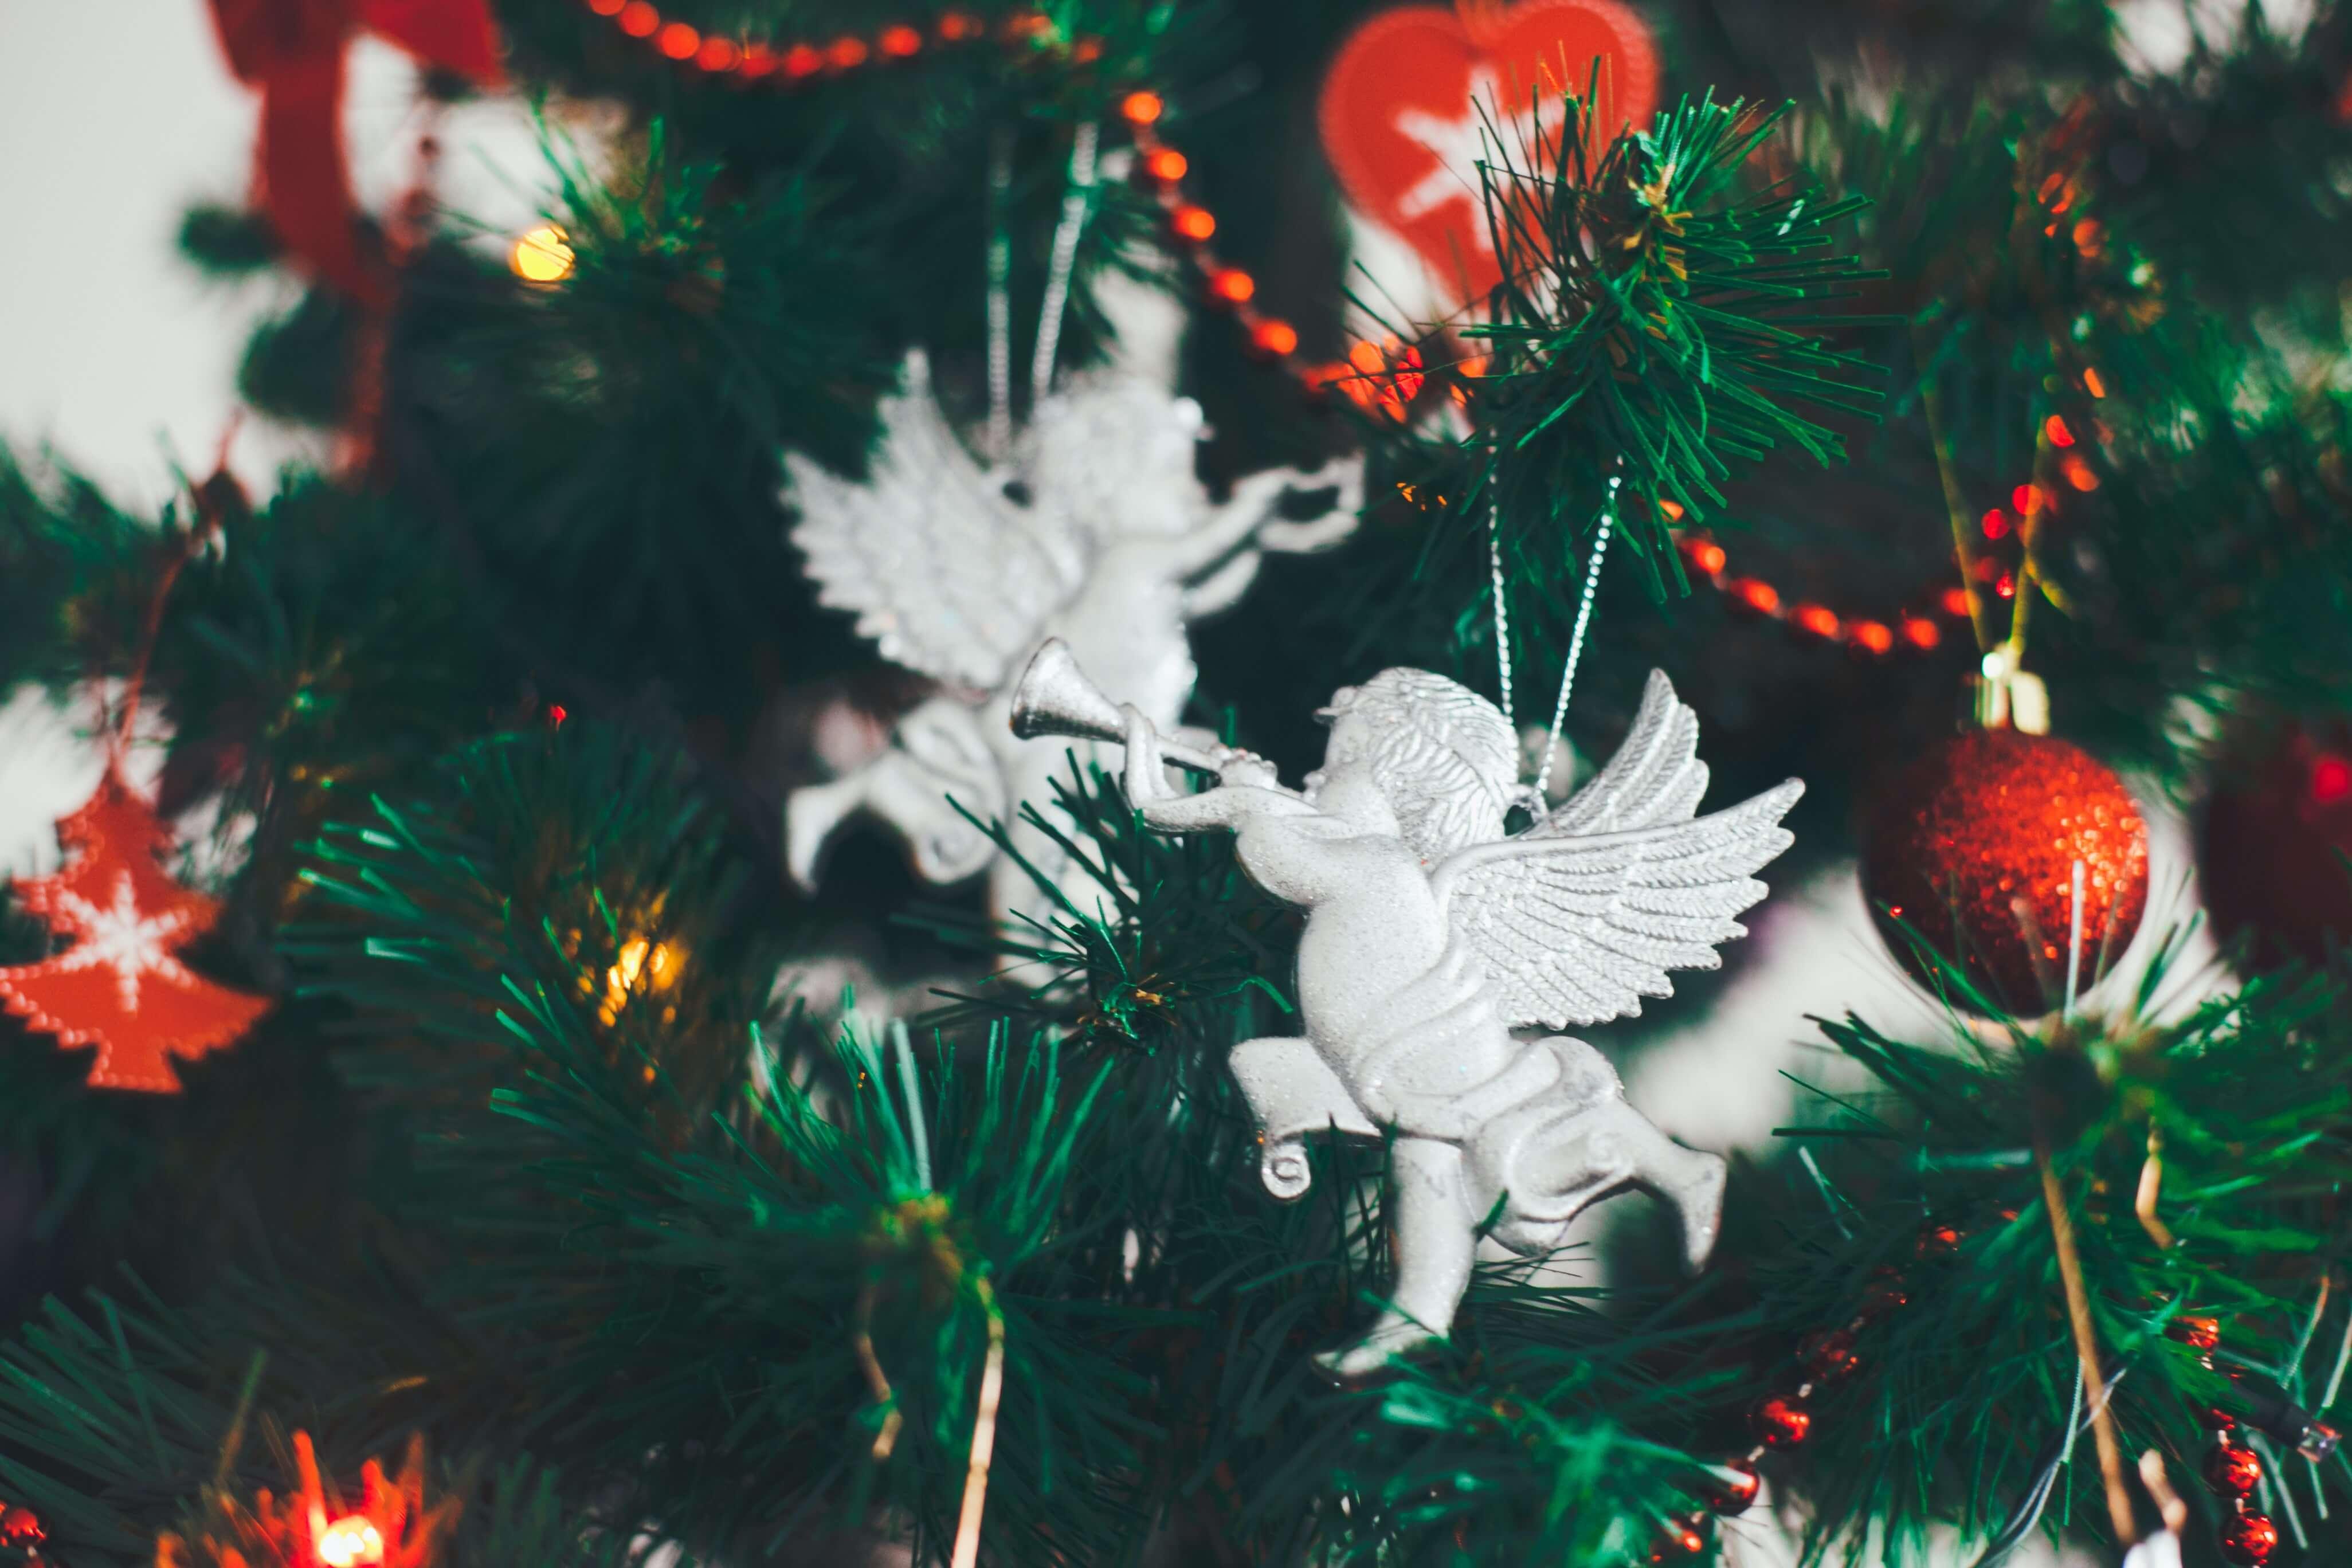 angelo decorazione natalizia su albero